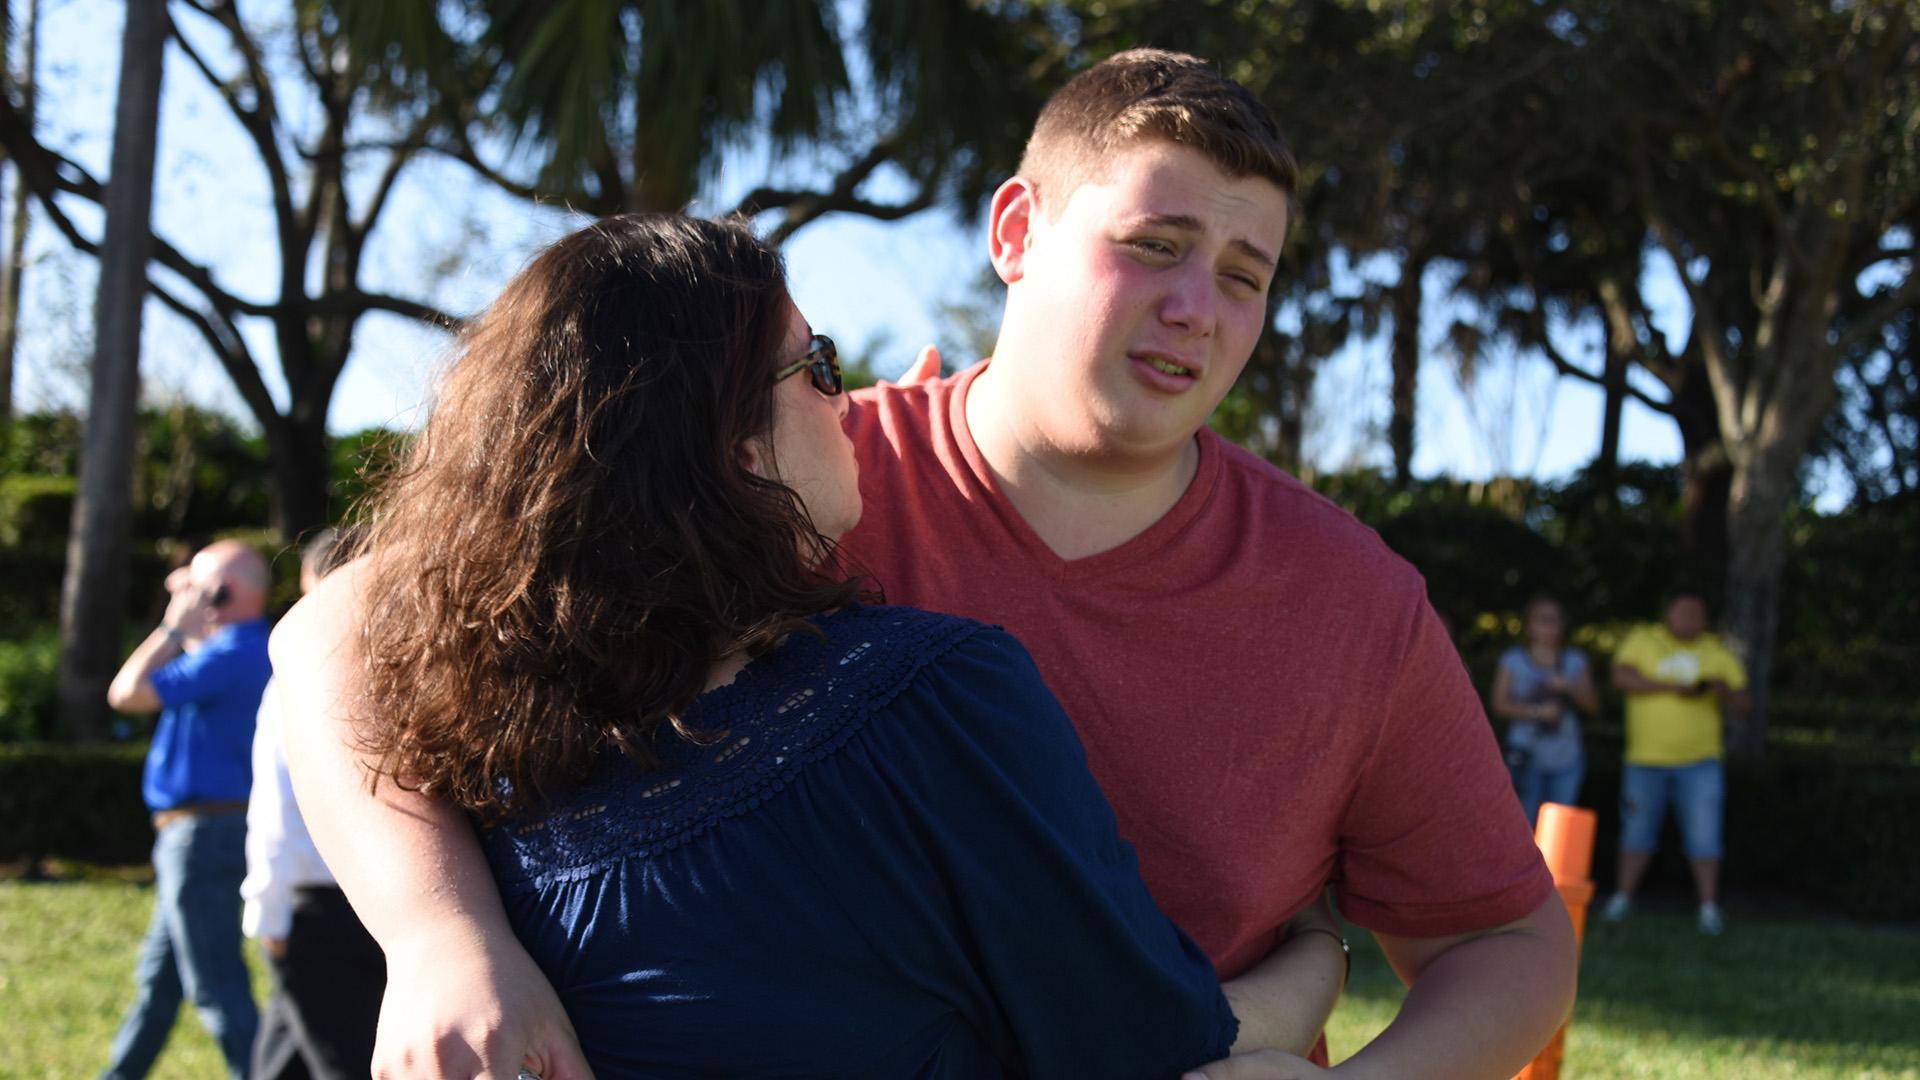 Una madre consuela a su hijo tras el ataque. (AFP)